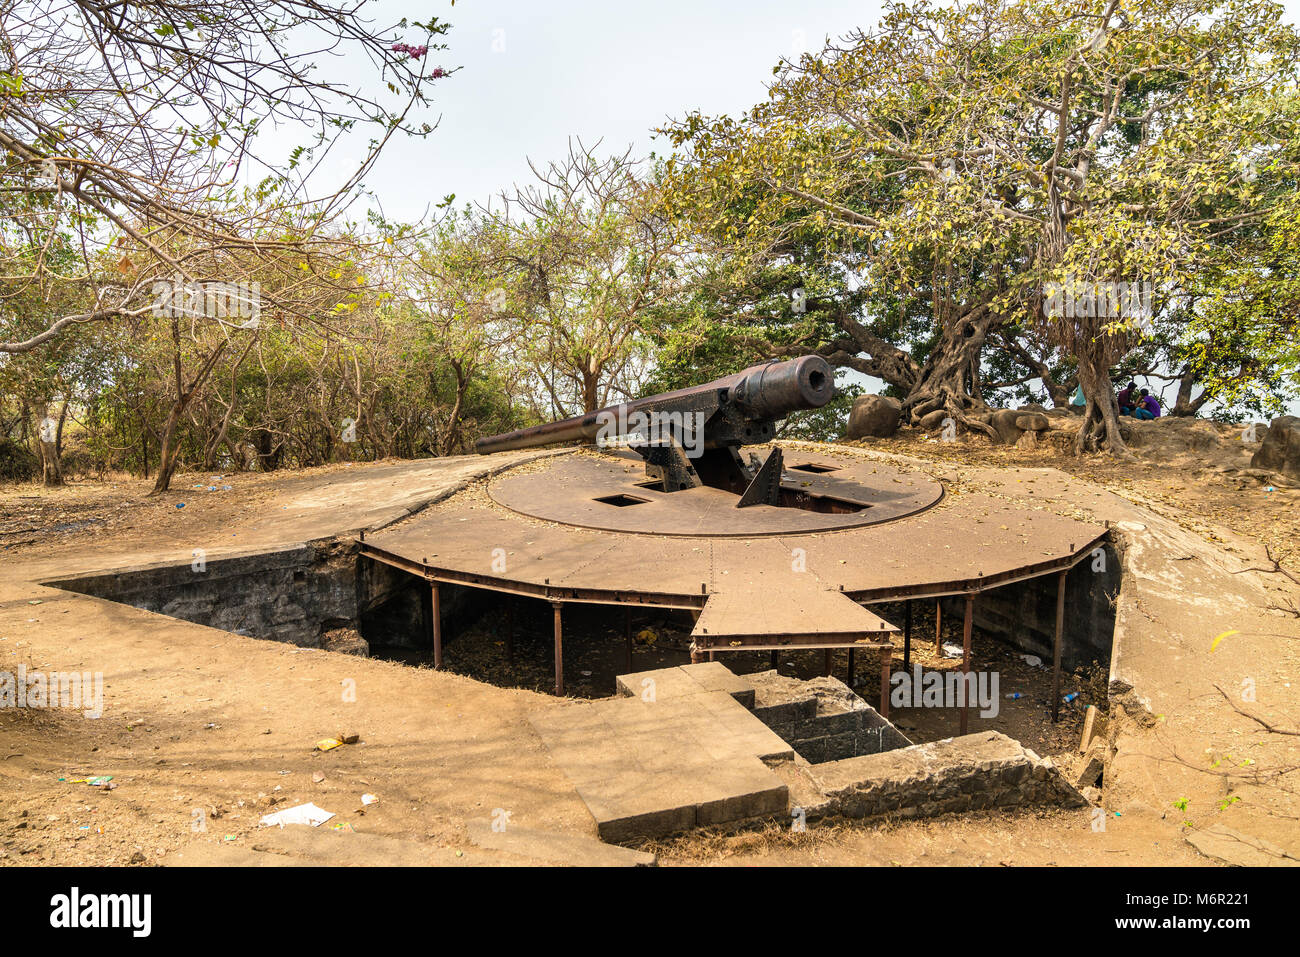 Cannon Point on Elephanta Island - Mumbai Harbour, India - Stock Image